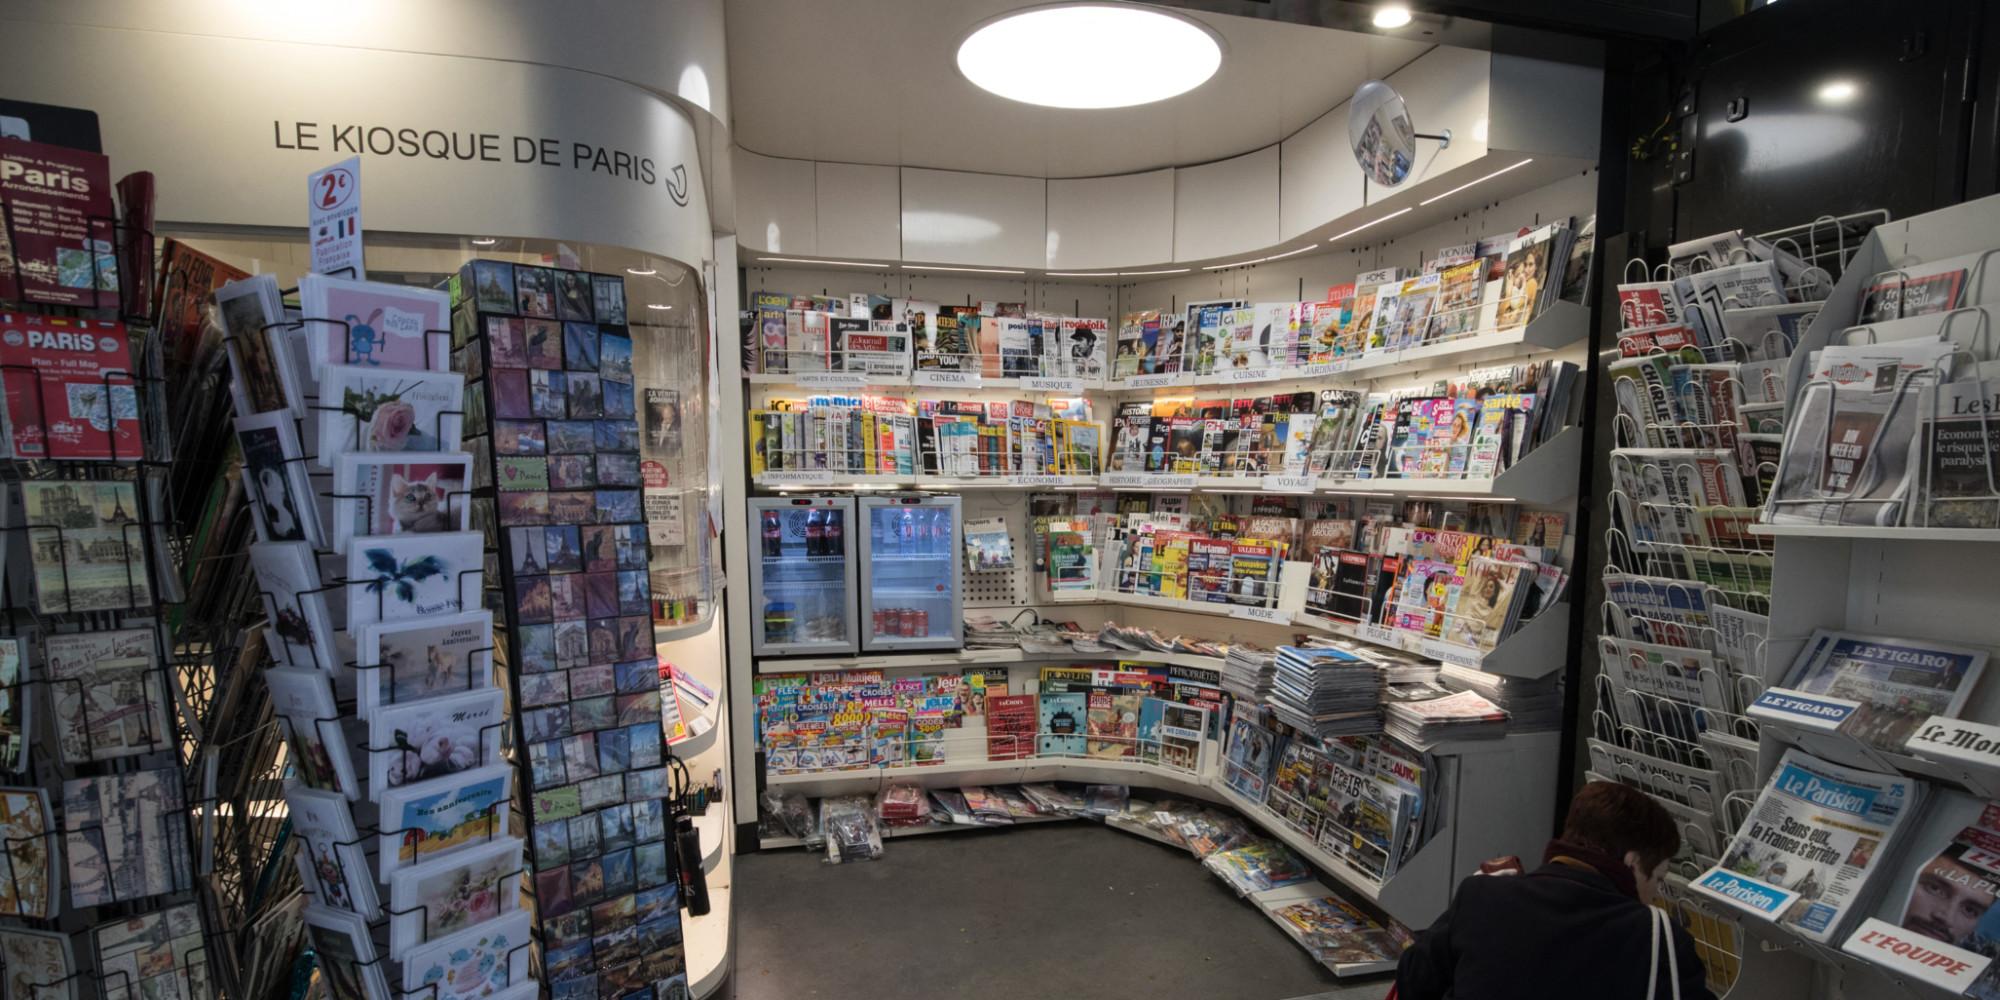 Confronté à une chute de ses ventes, le magazine France Football devient mensuel